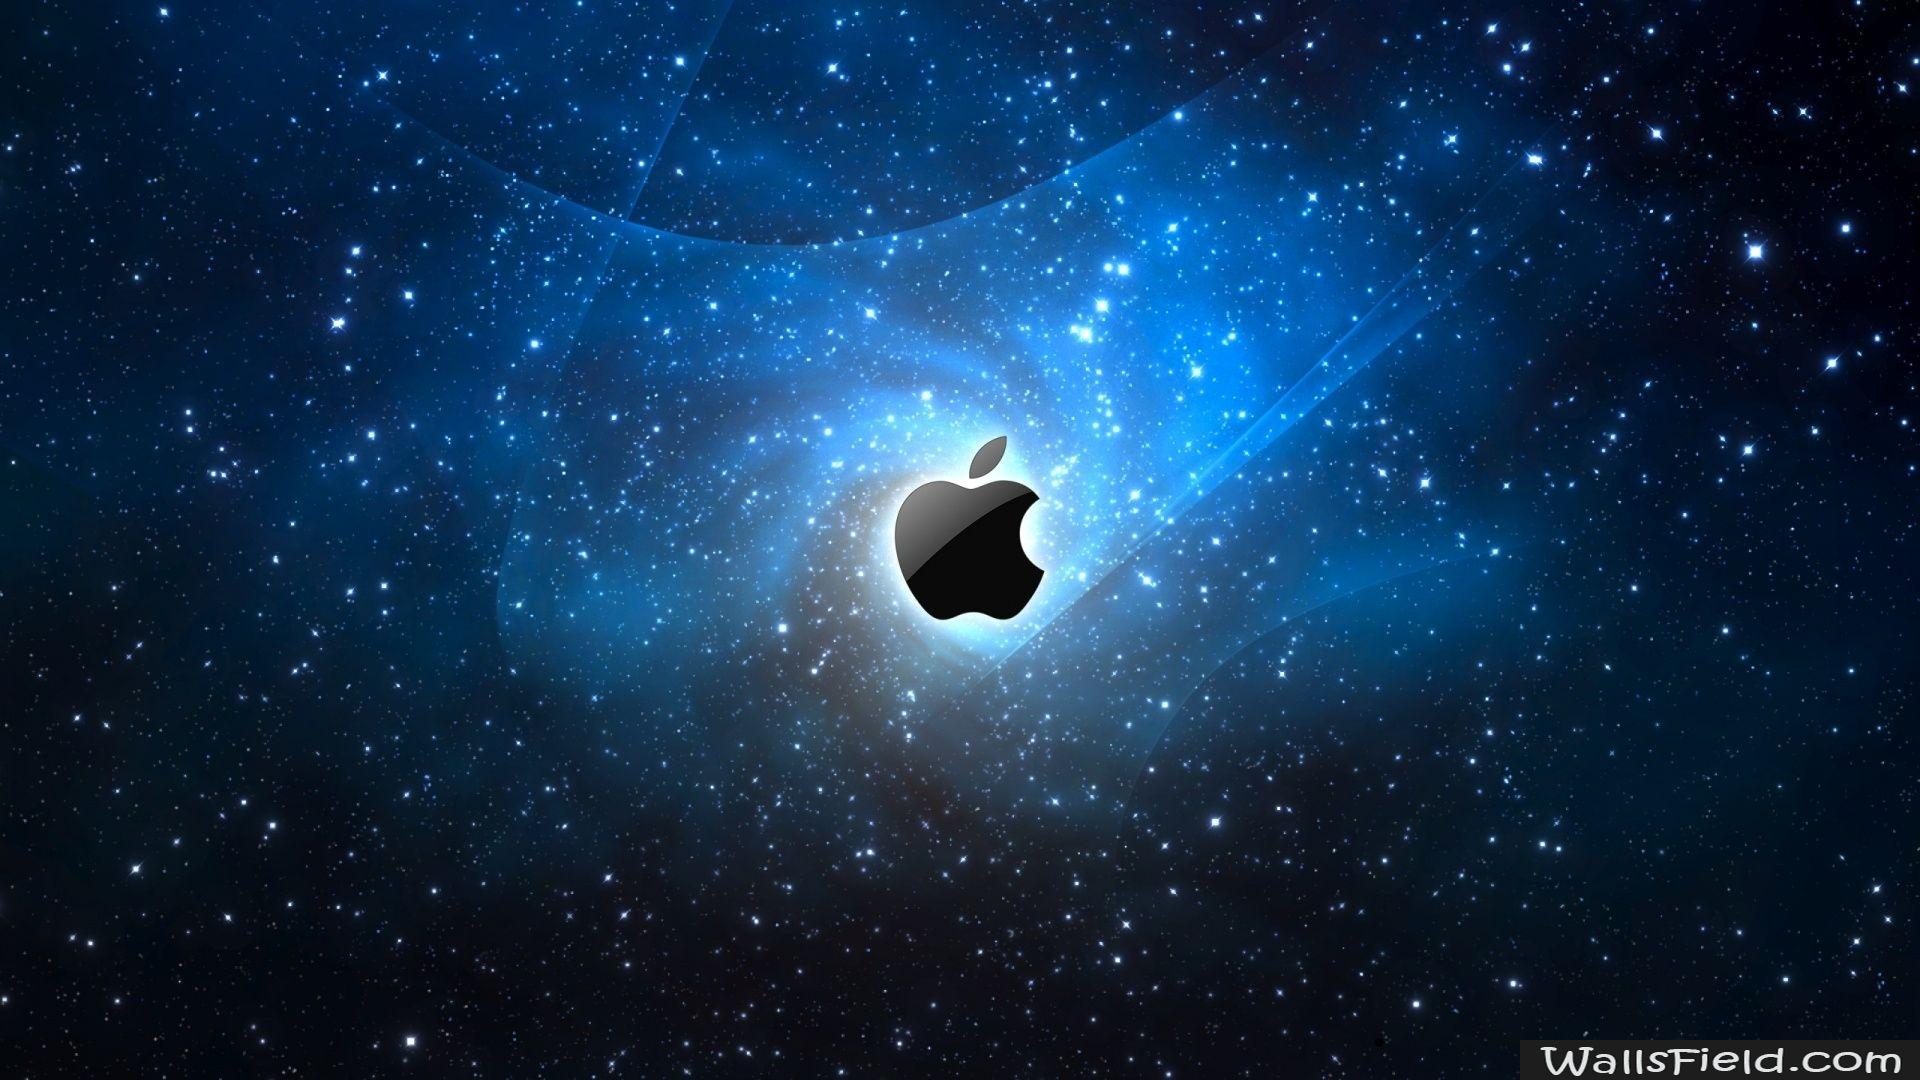 Apple Galaxy Blue Wallsfield Com Free Hd Wallpapers Imac Wallpaper Apple Wallpaper Apple Galaxy Wallpaper